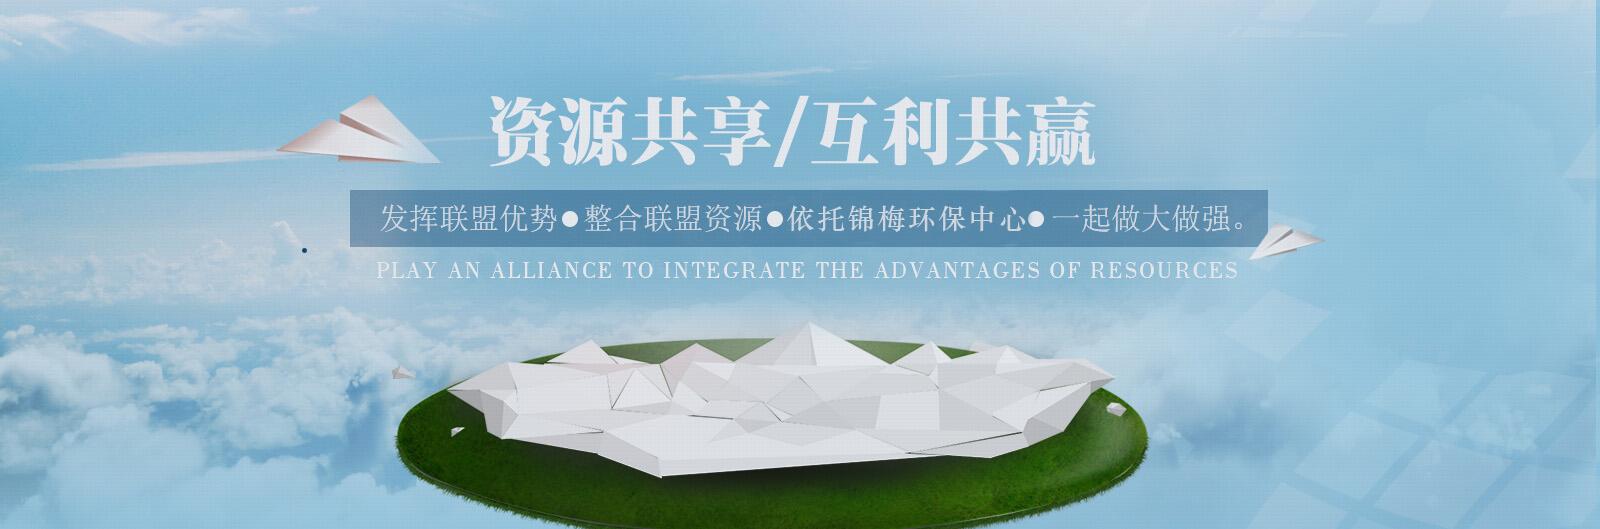 上海锦梅生态环境科技中心